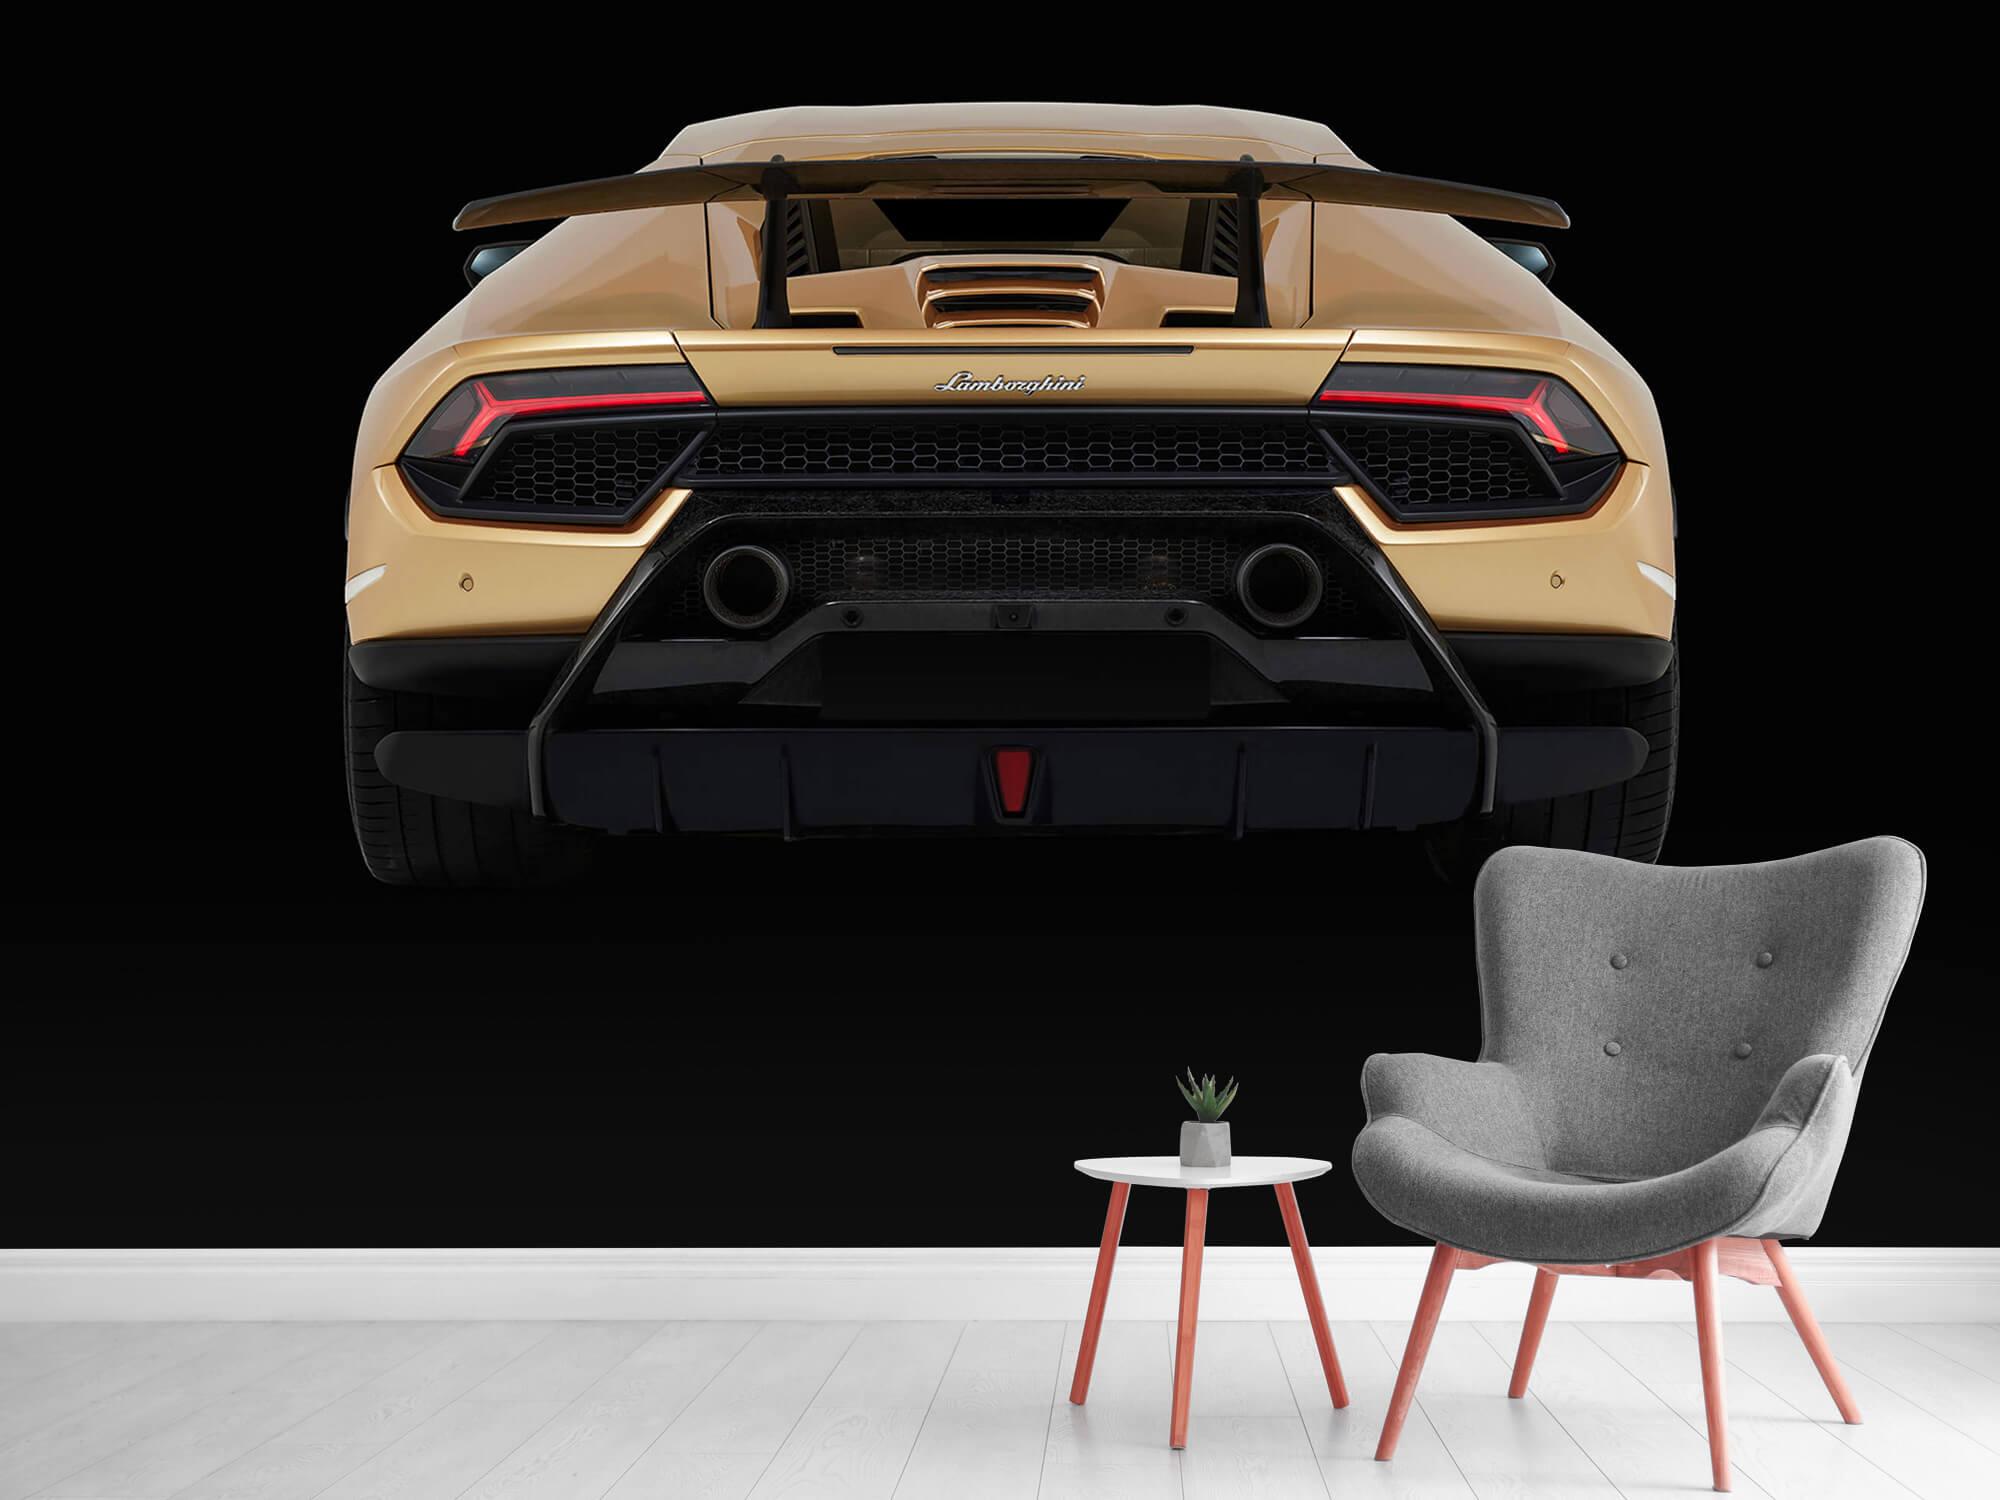 Wallpaper Lamborghini Huracán - Bak, svart 11